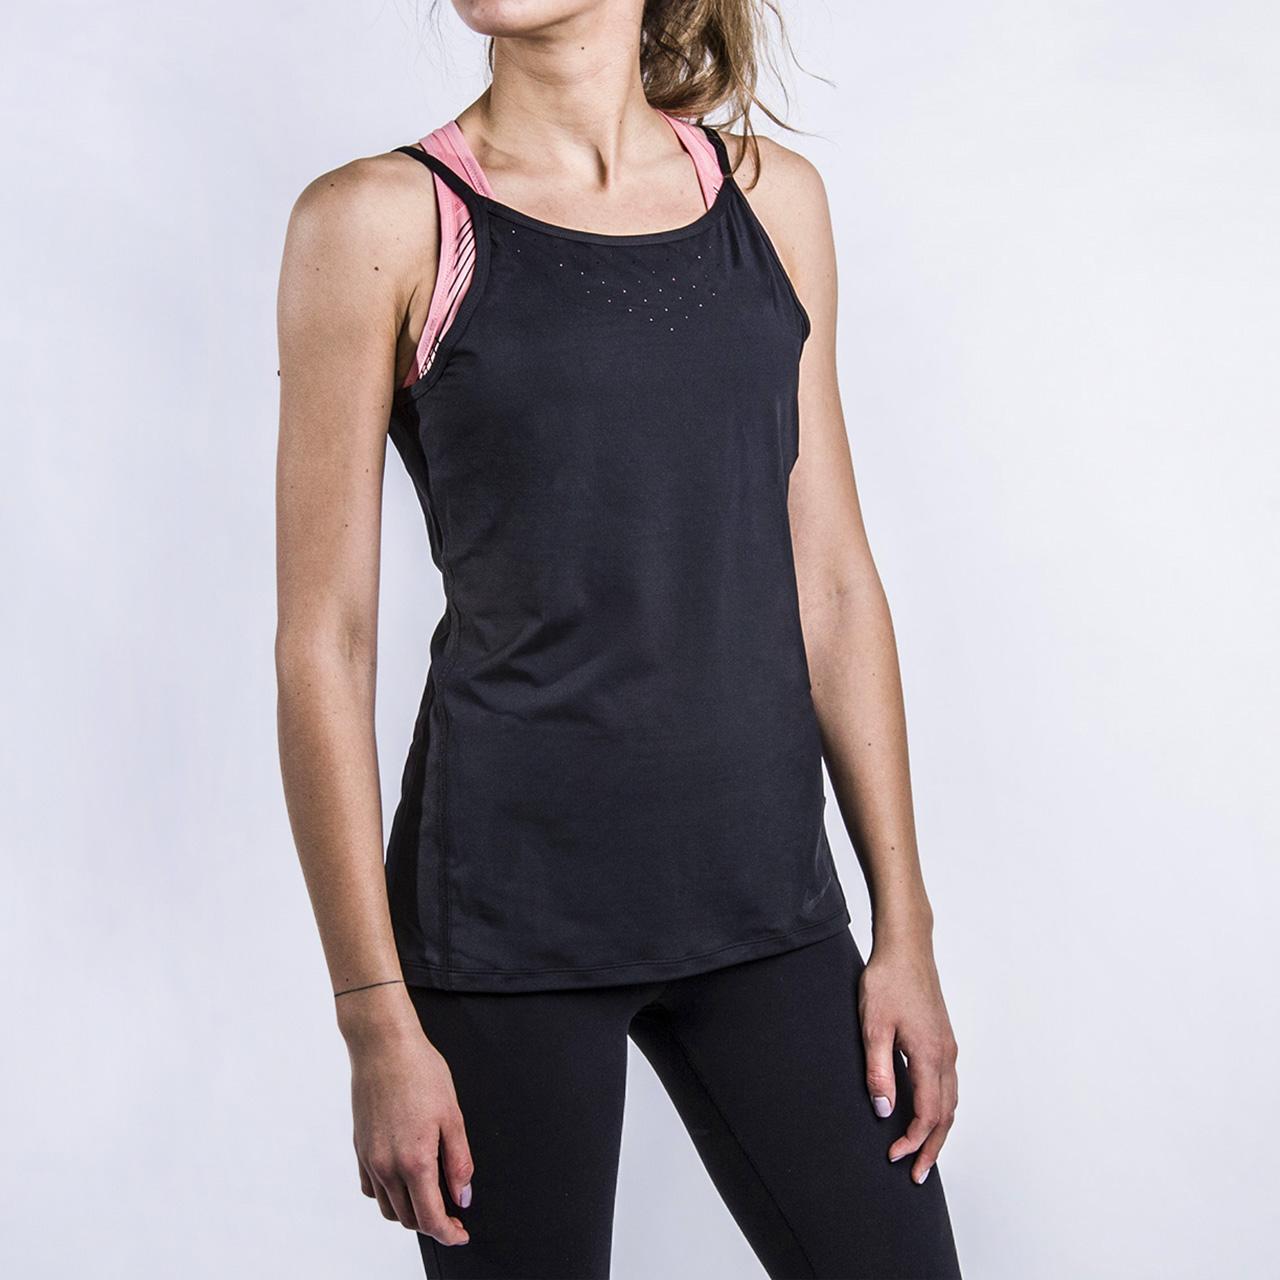 Майка для тренинга Nike NK Dry TankБезрукавки<br>88% полиэстер, 12% спандекс<br><br>Цвет: Черный<br>Размеры US: XS;S;M;L<br>Пол: Женский